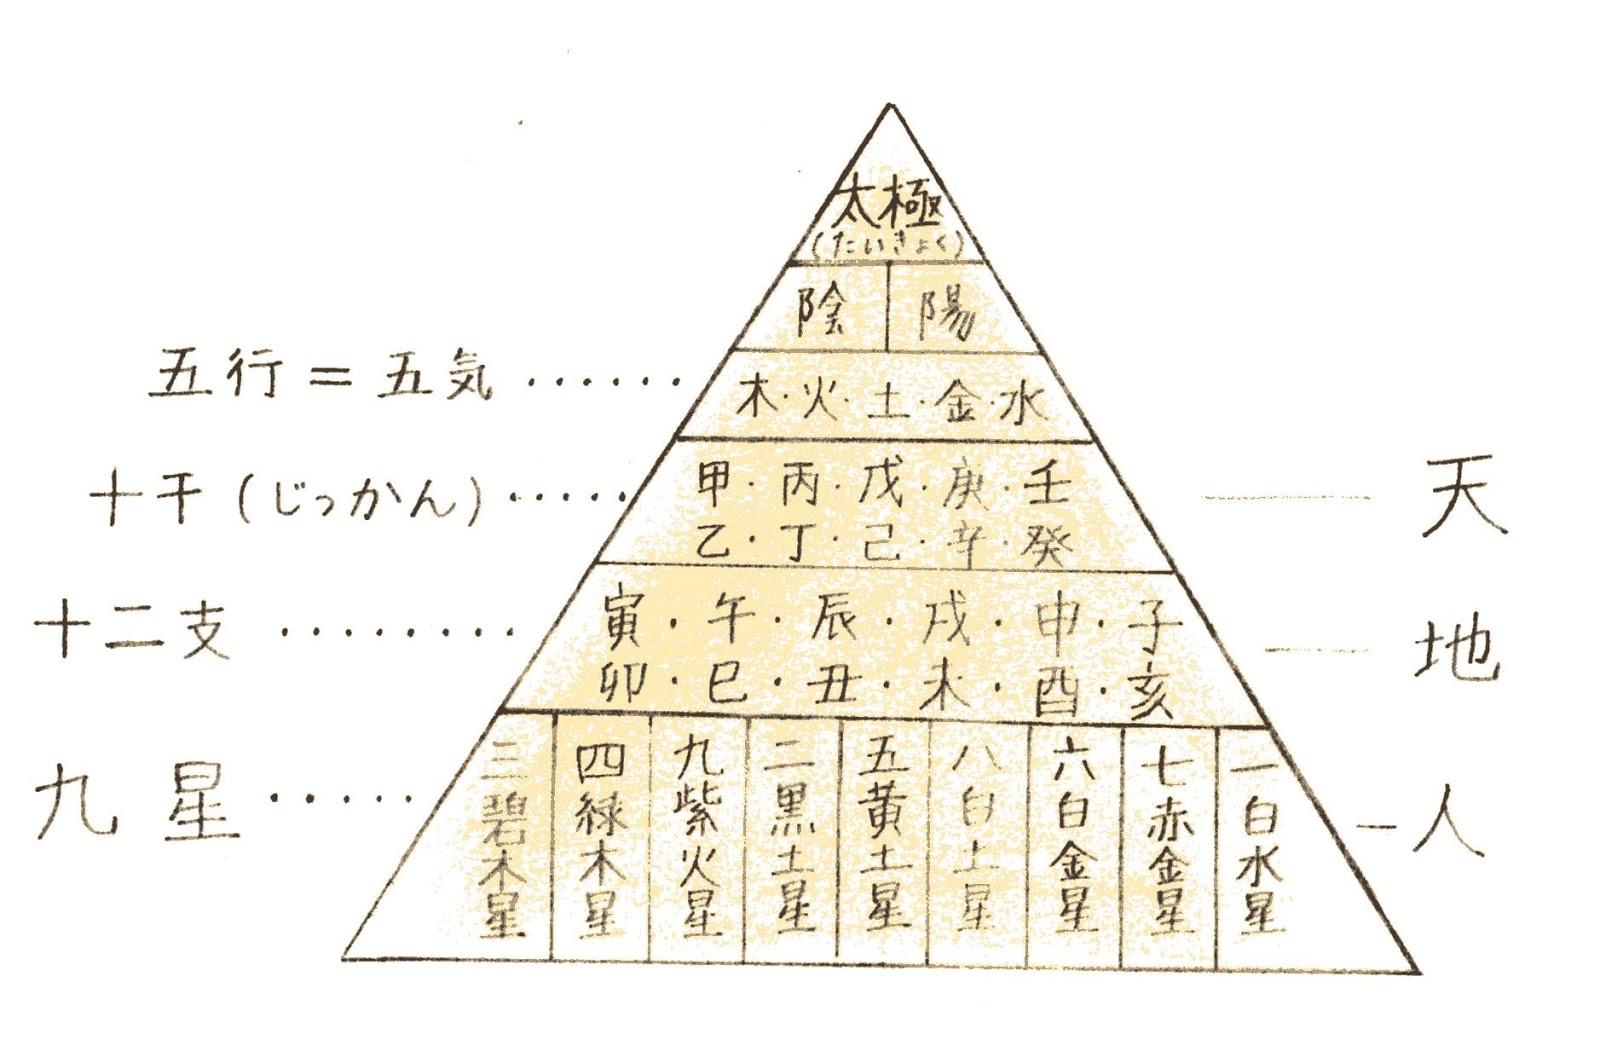 陰陽五行説概念図 ©清岡卓磨